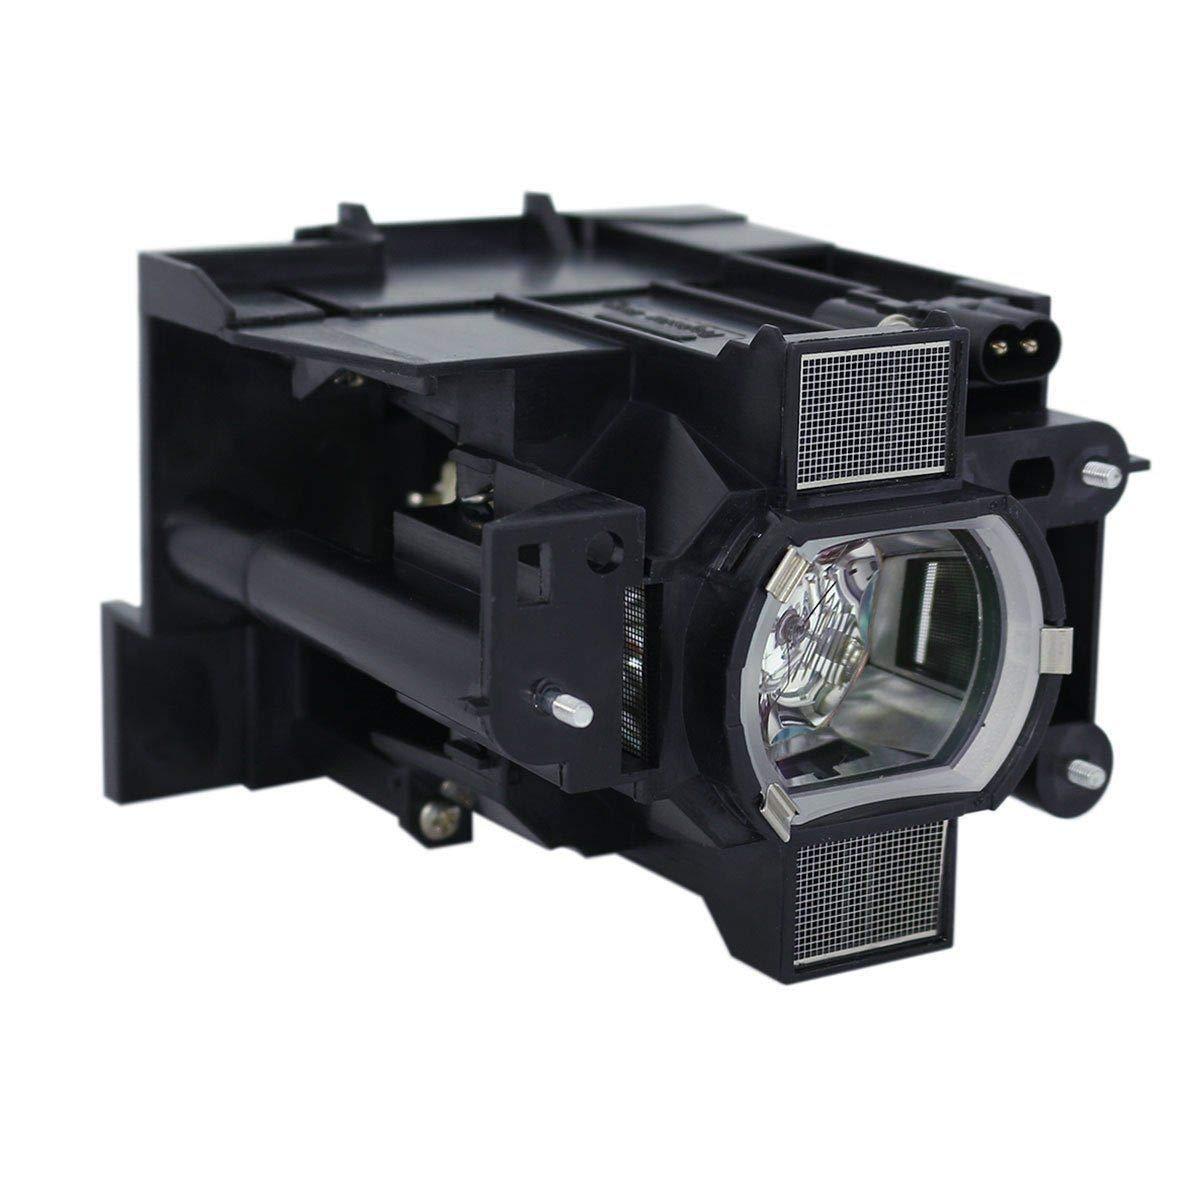 EachLight プロジェクター交換用 ランプ DT01471(互換性のあるランプ) 日立 Hitachi CP-WU8460/ CP-WU8460J/ CP-WU8461/ CP-WX8265/ CP-WX8265J/ CP-X8170/ CP-X8170J/ HCP-D767U 対応[180日保証]   B07JNJC555